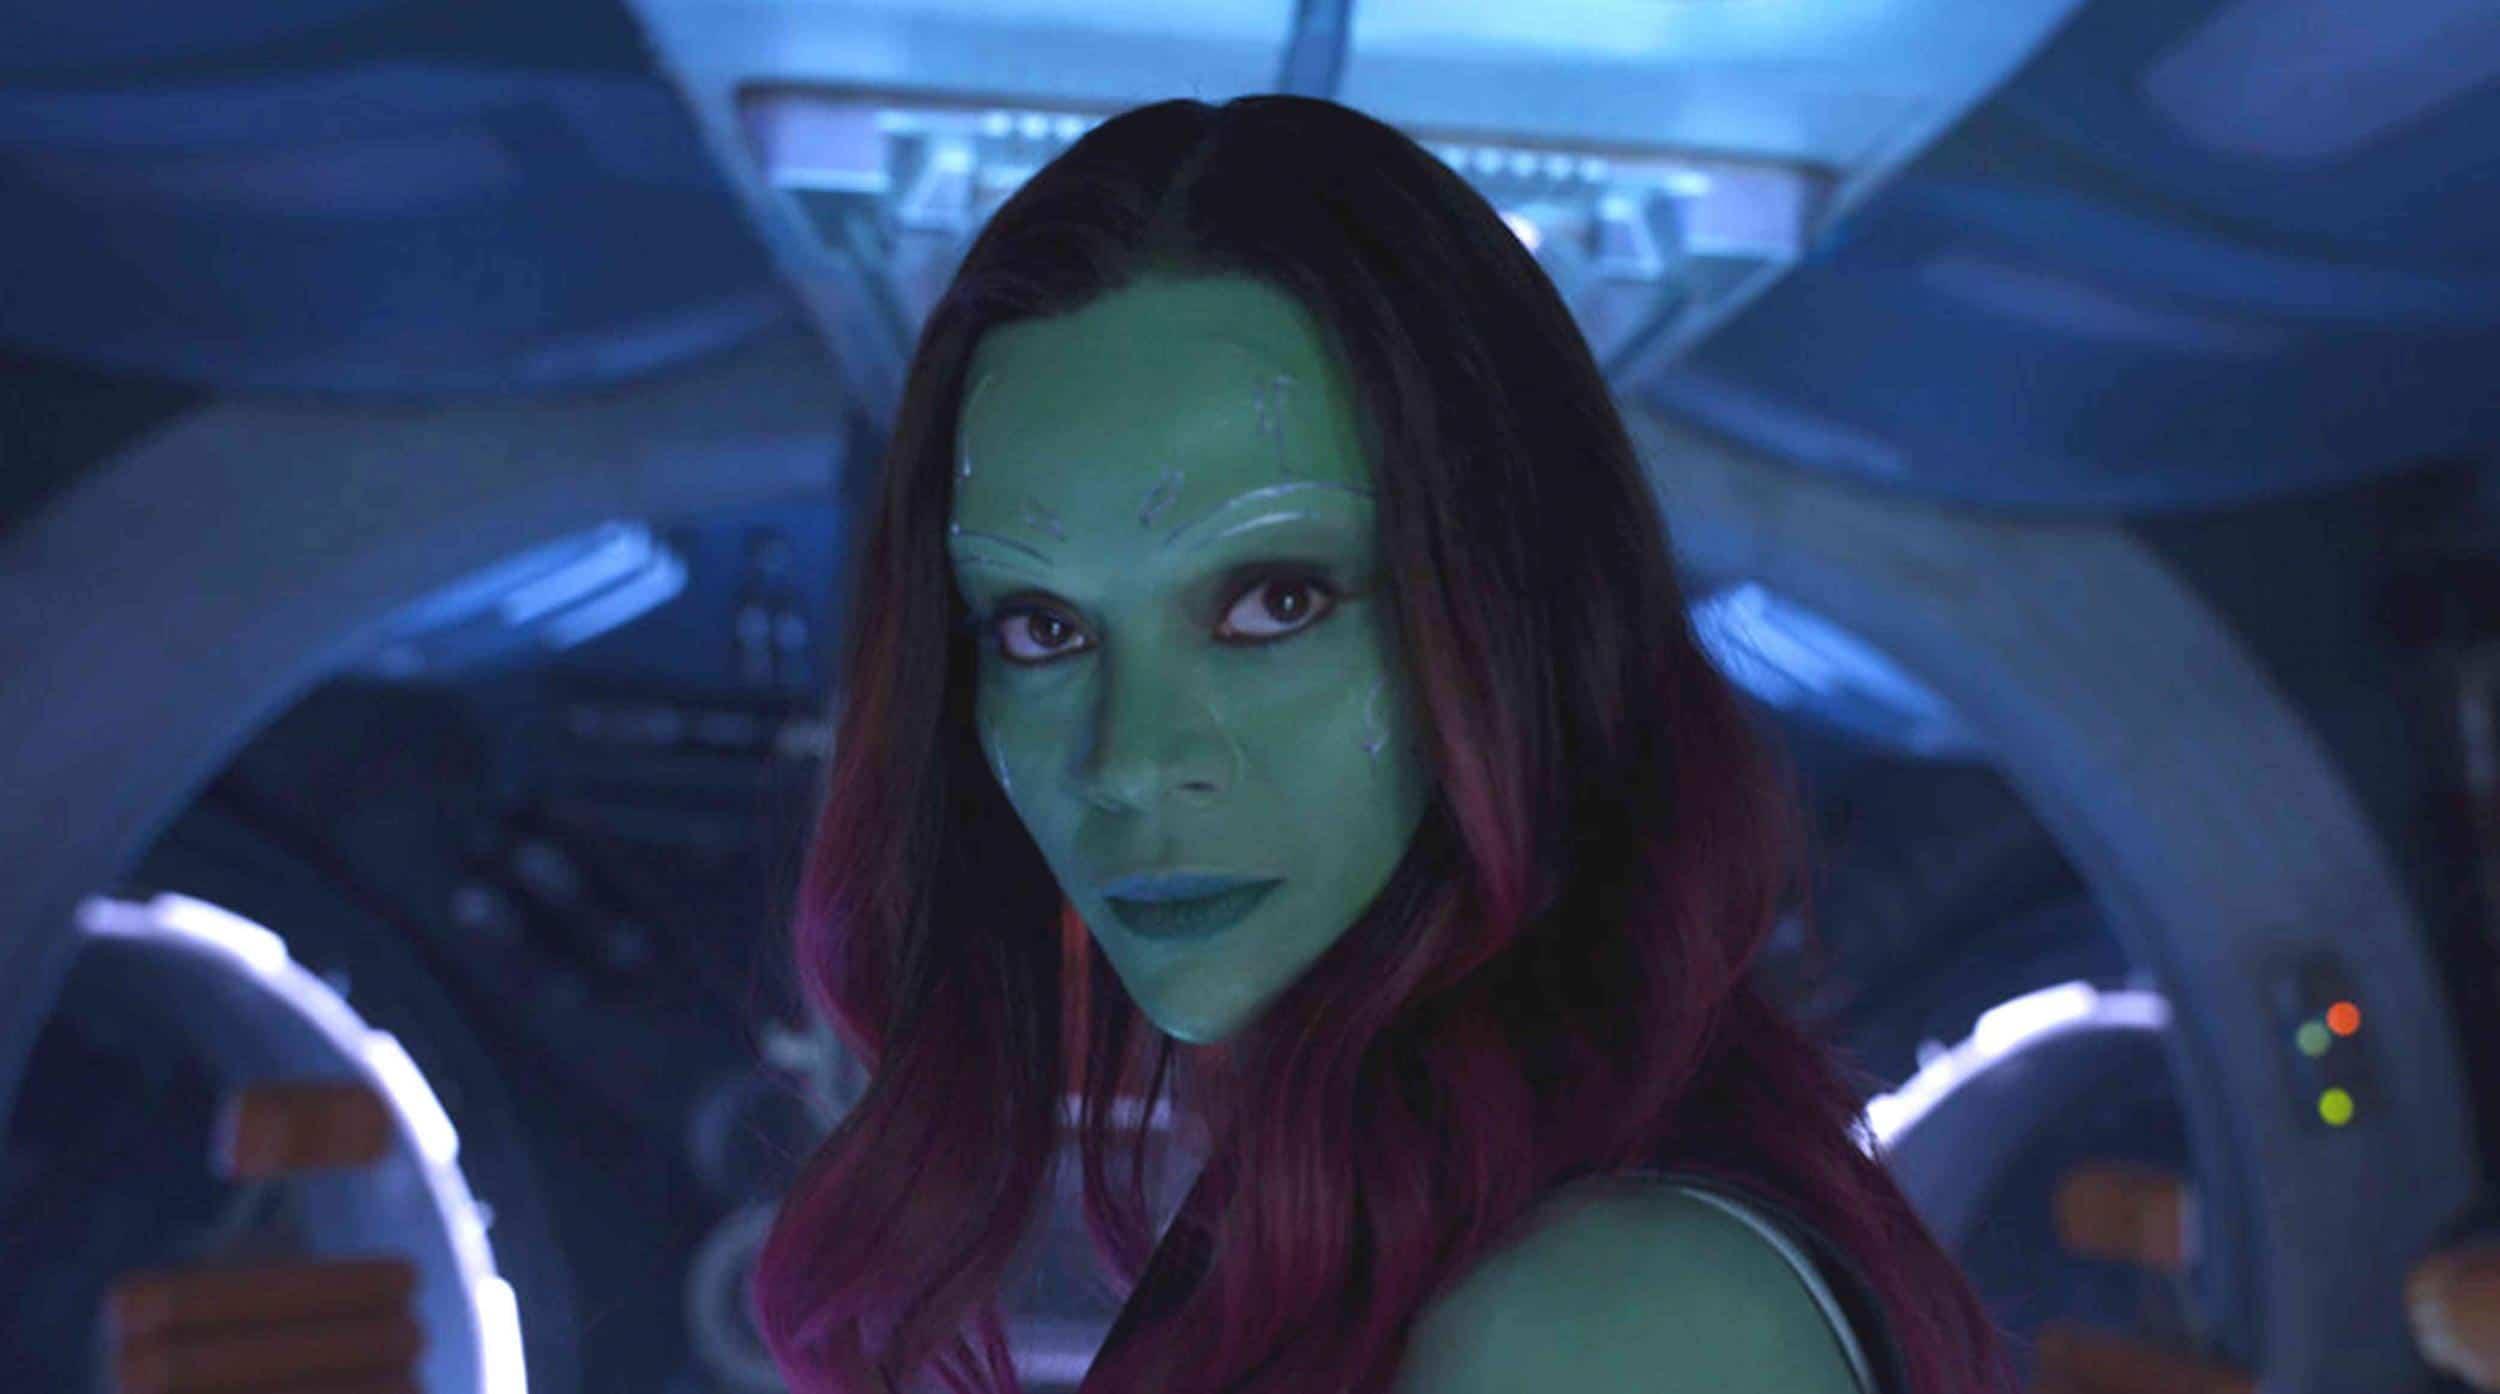 Endgame: Gamora's fate revealed in a deleted scene